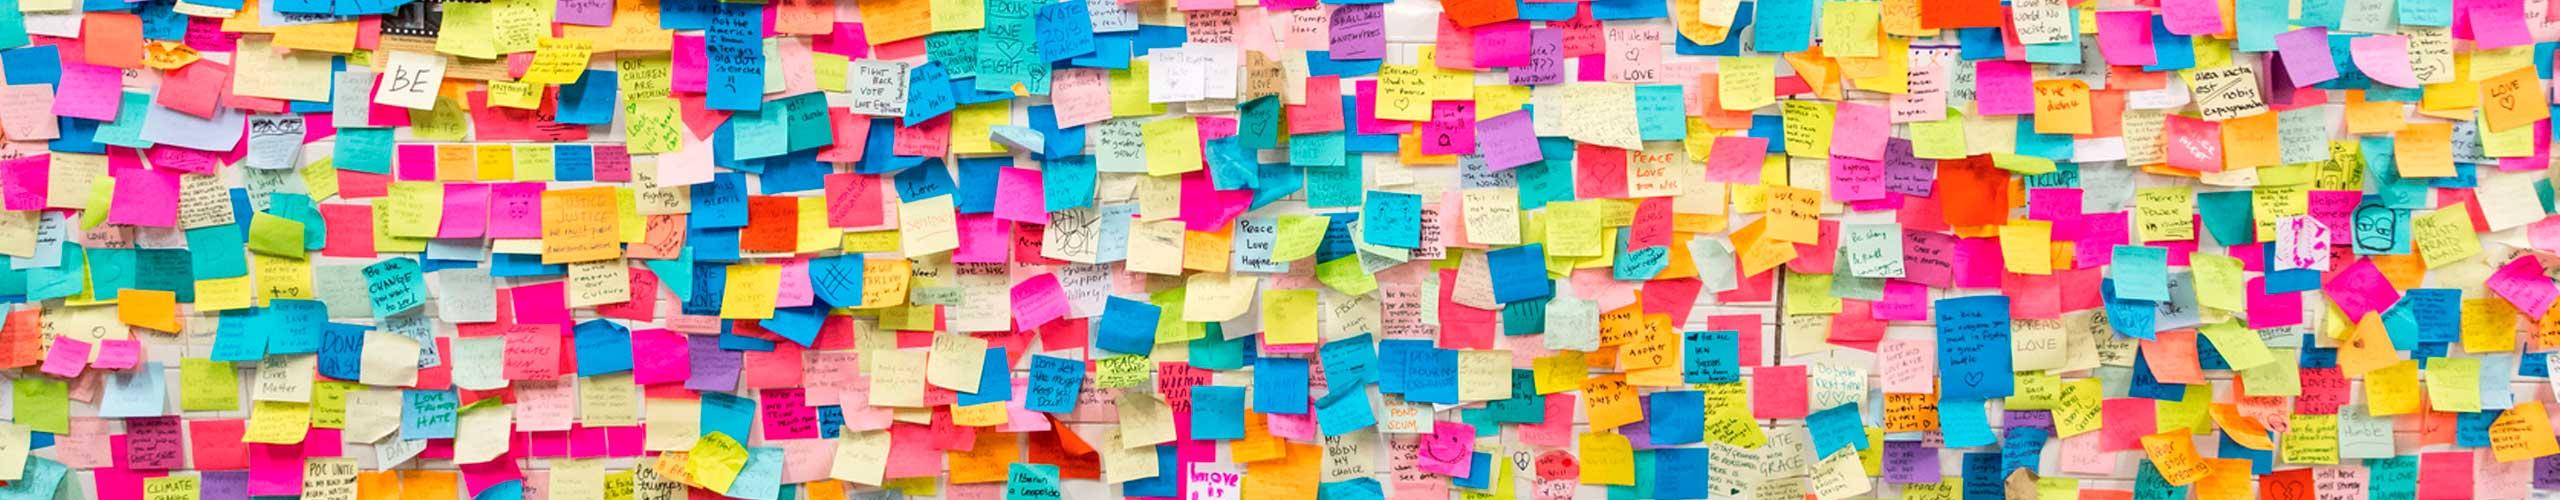 Concorso 500 scuse per invitare a fare l'amore: nell'immagine una parete addobbata con post-it colorati